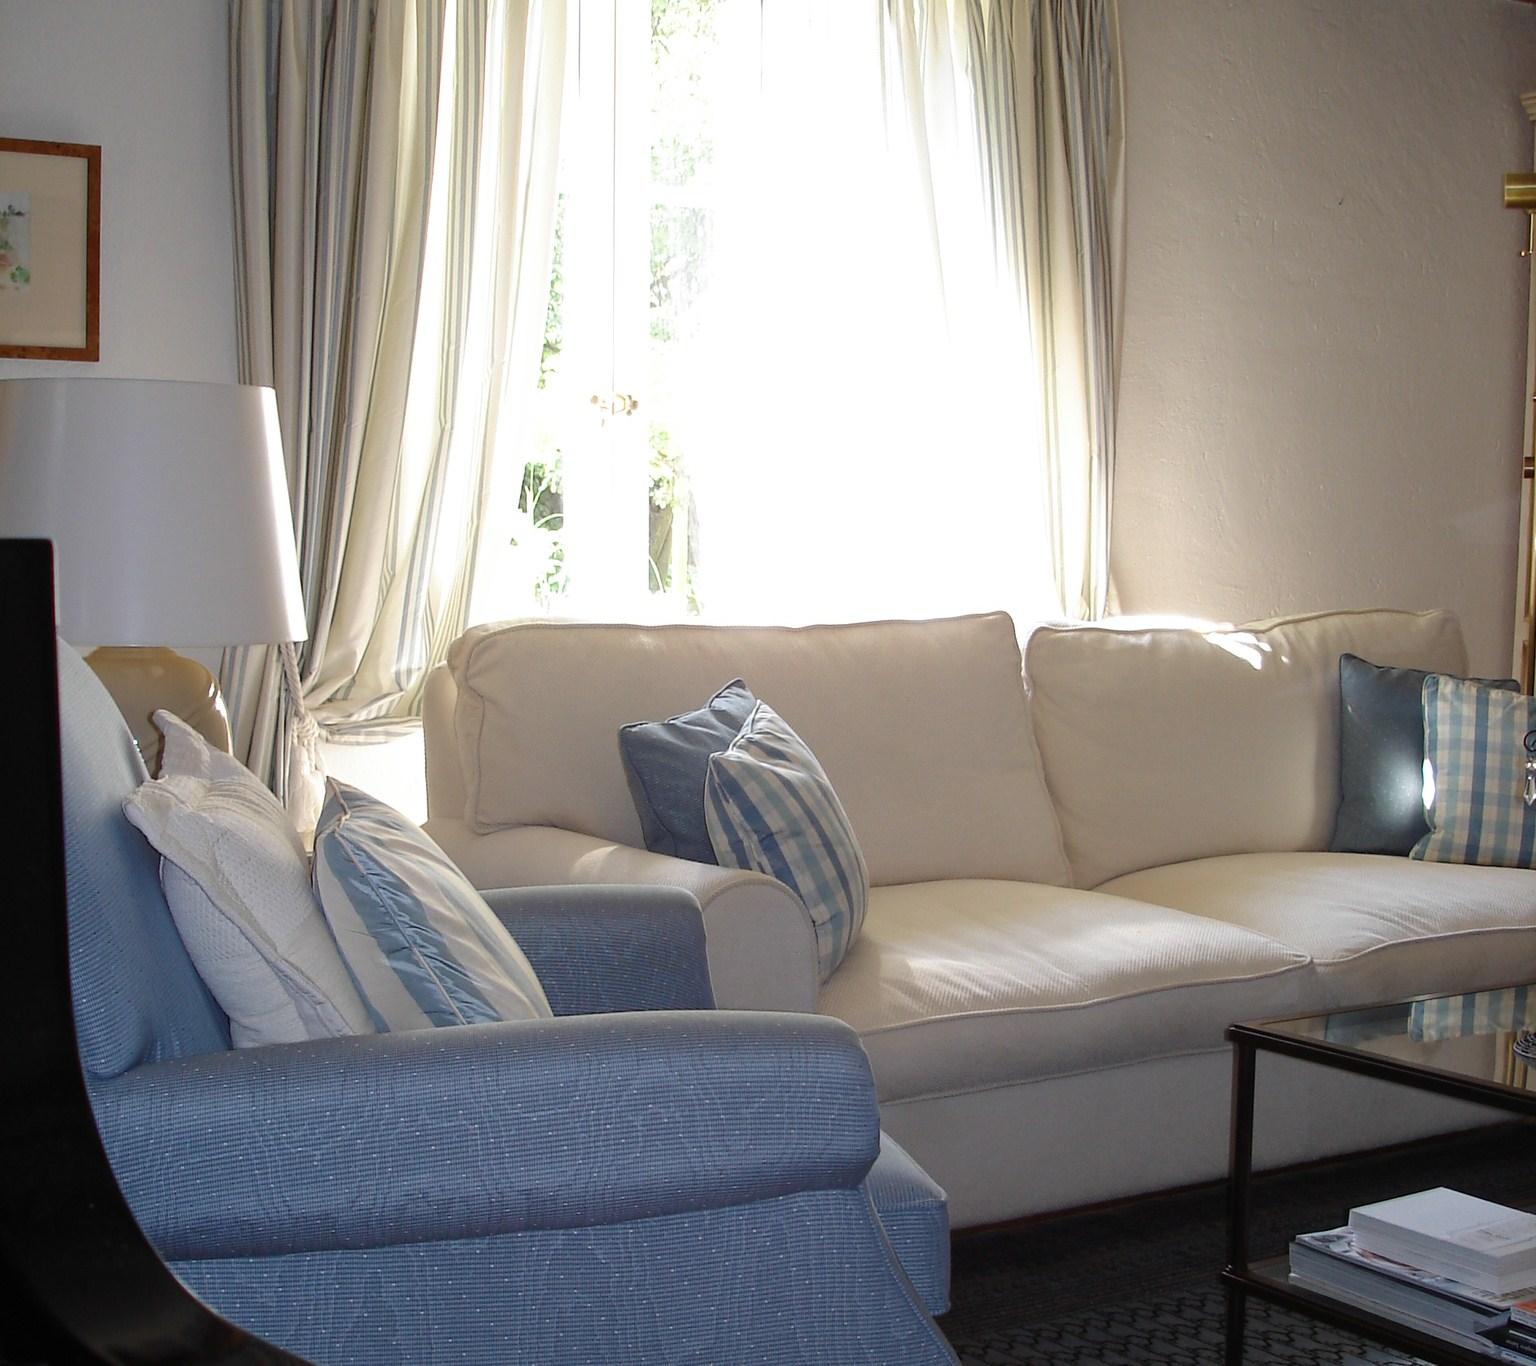 r fection de si ges et meubles en tous genres styles interiors sa. Black Bedroom Furniture Sets. Home Design Ideas